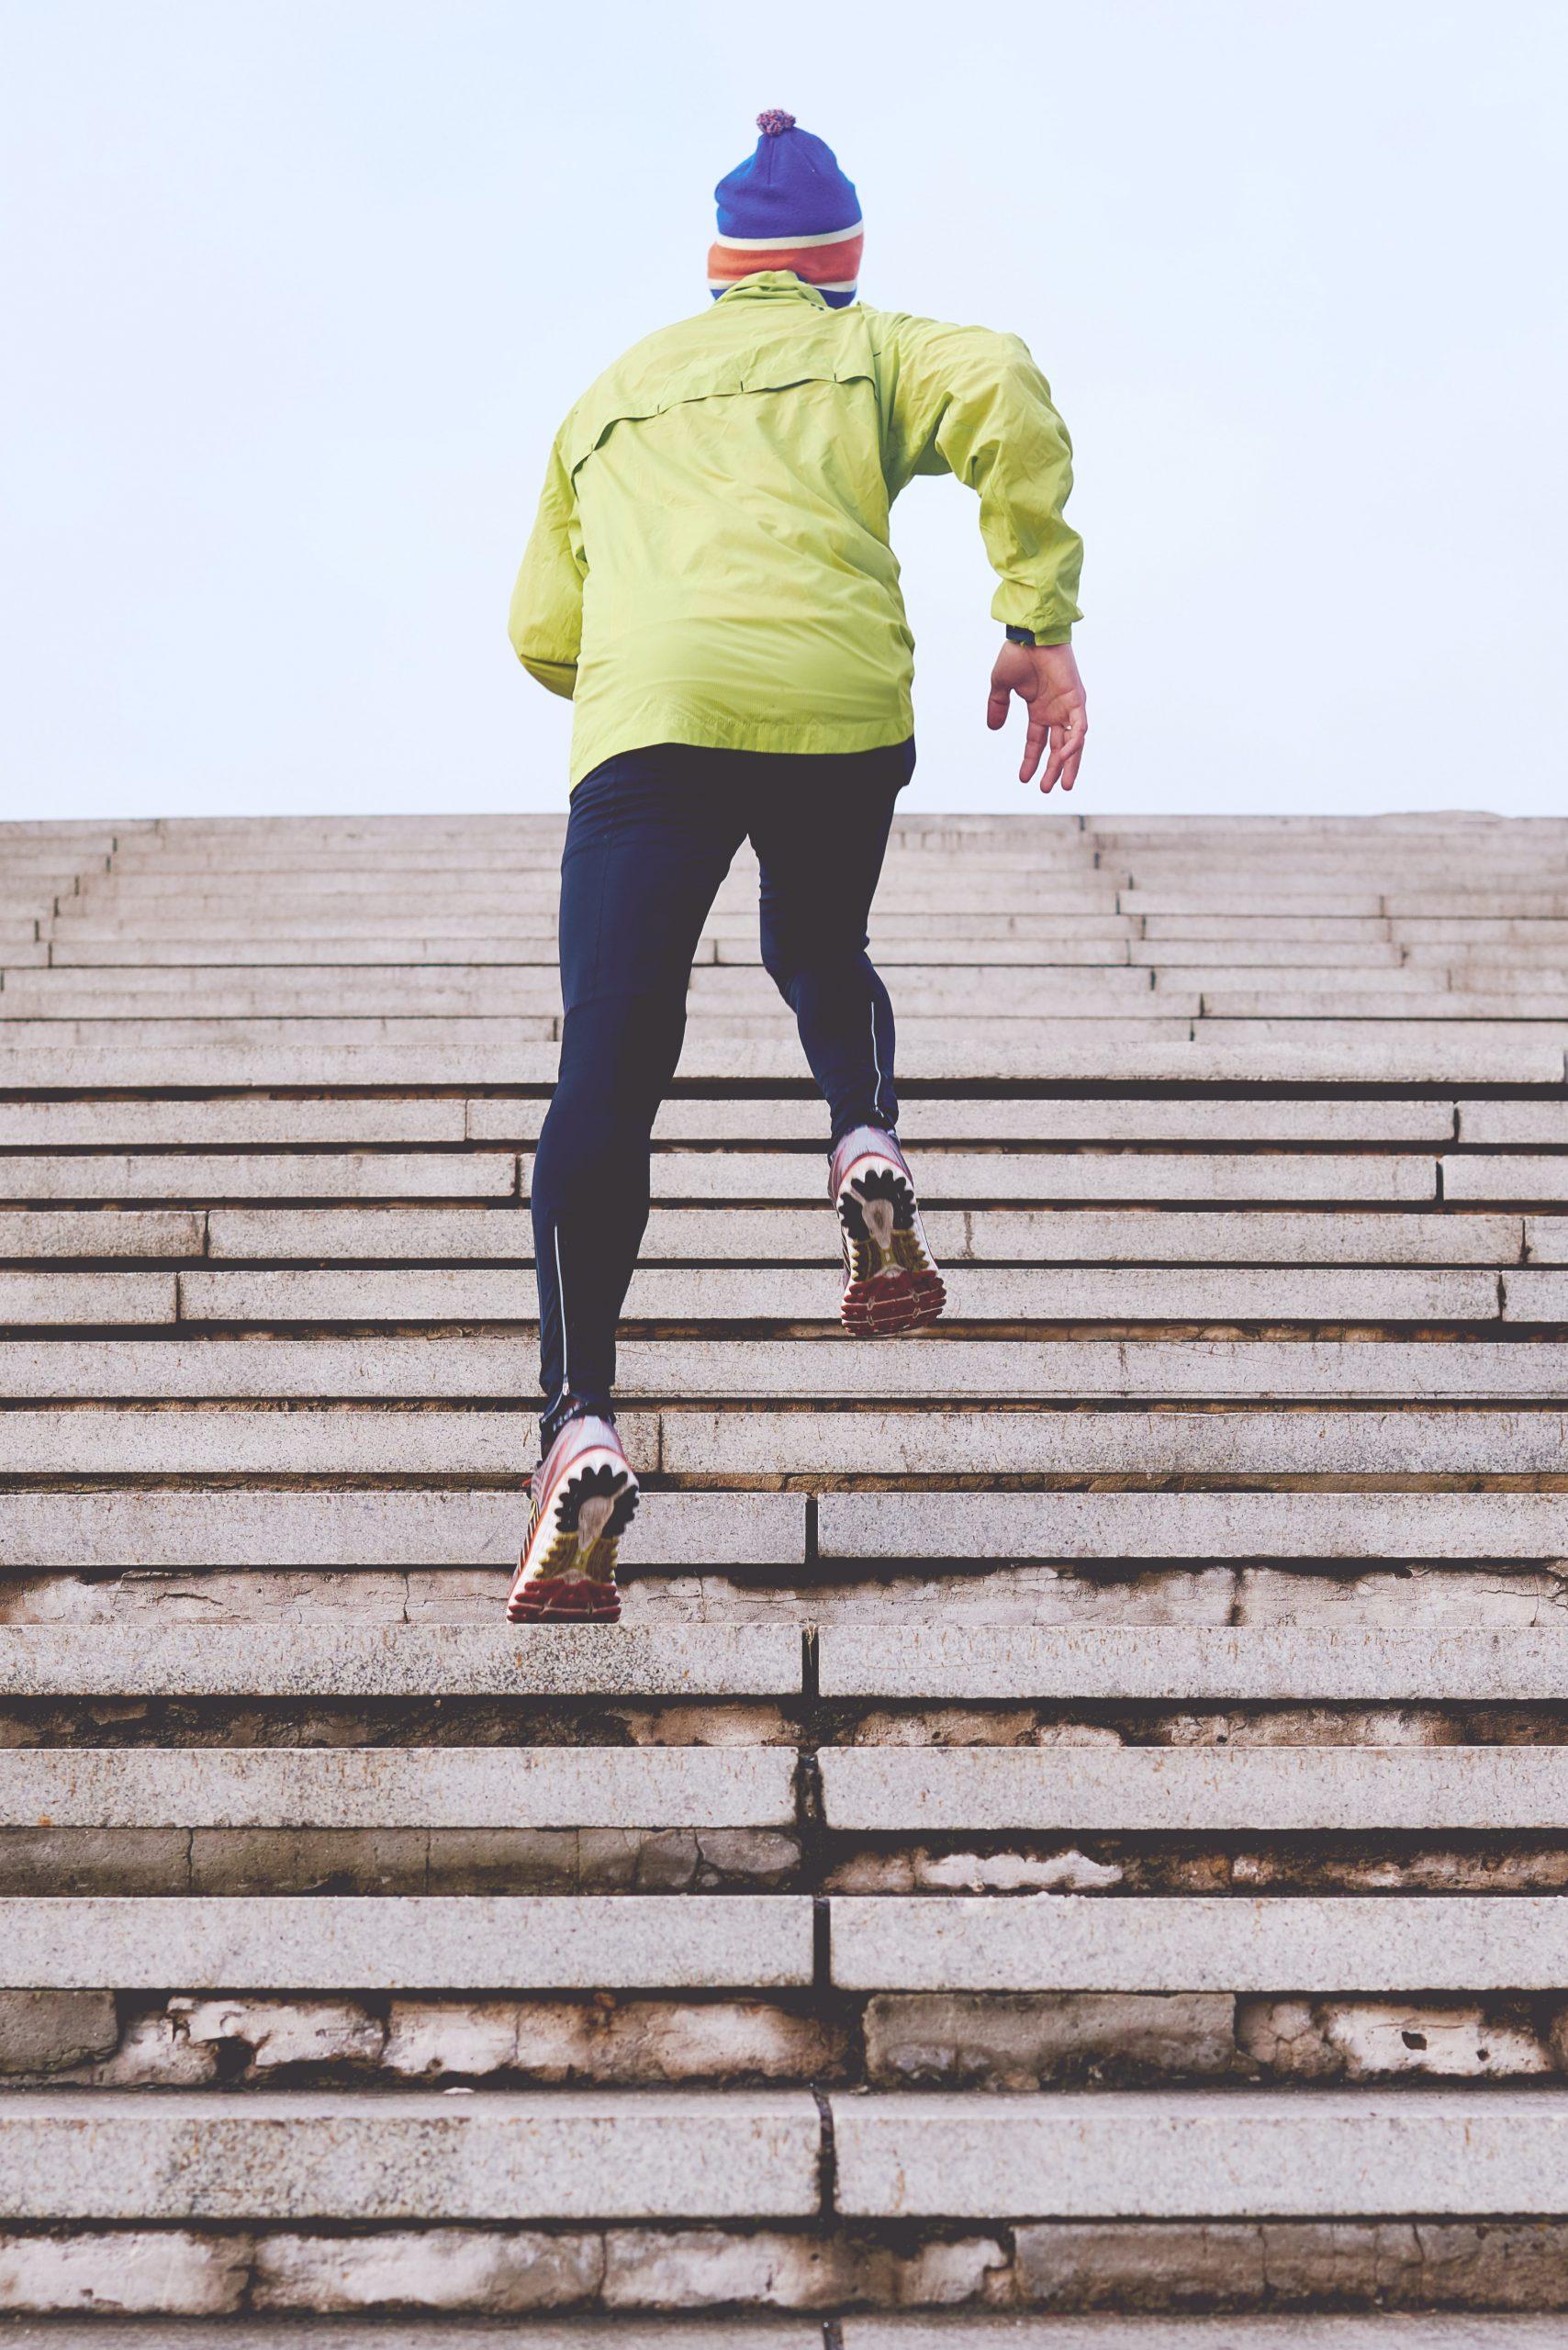 Runner performing a bleacher workout for cross training.